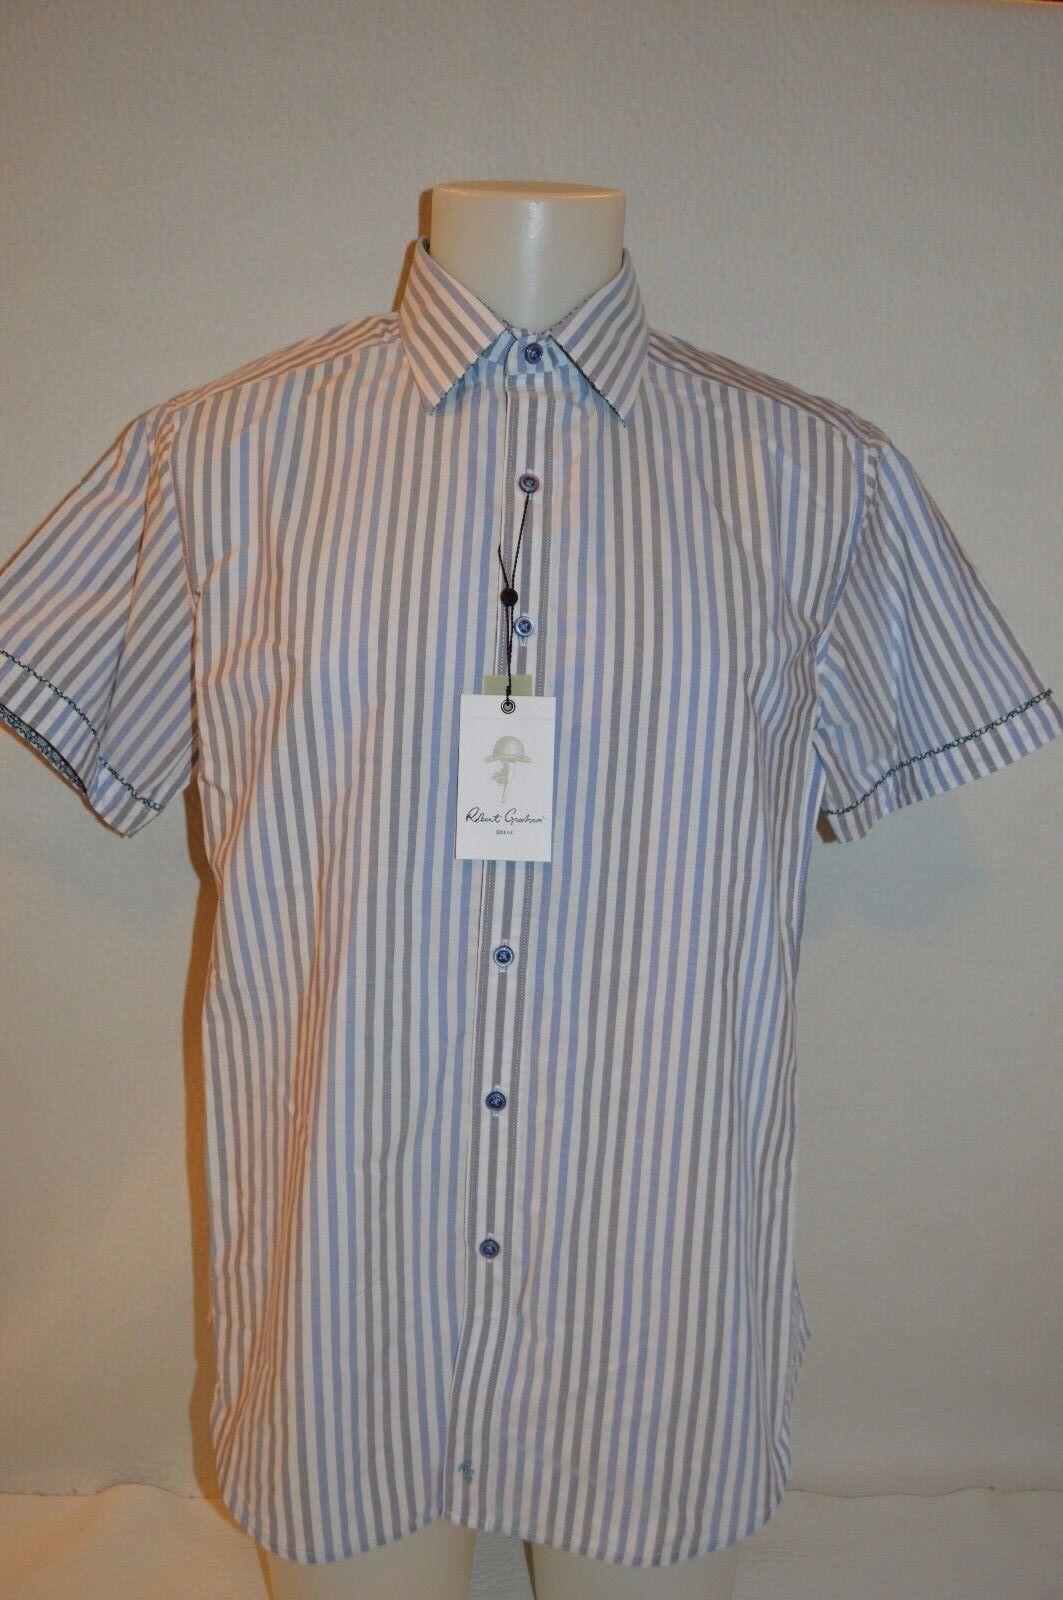 ROBERT GRAHAM Man RICHMOND HILLS Short Sleeve Shirt NEW Size Large Retail